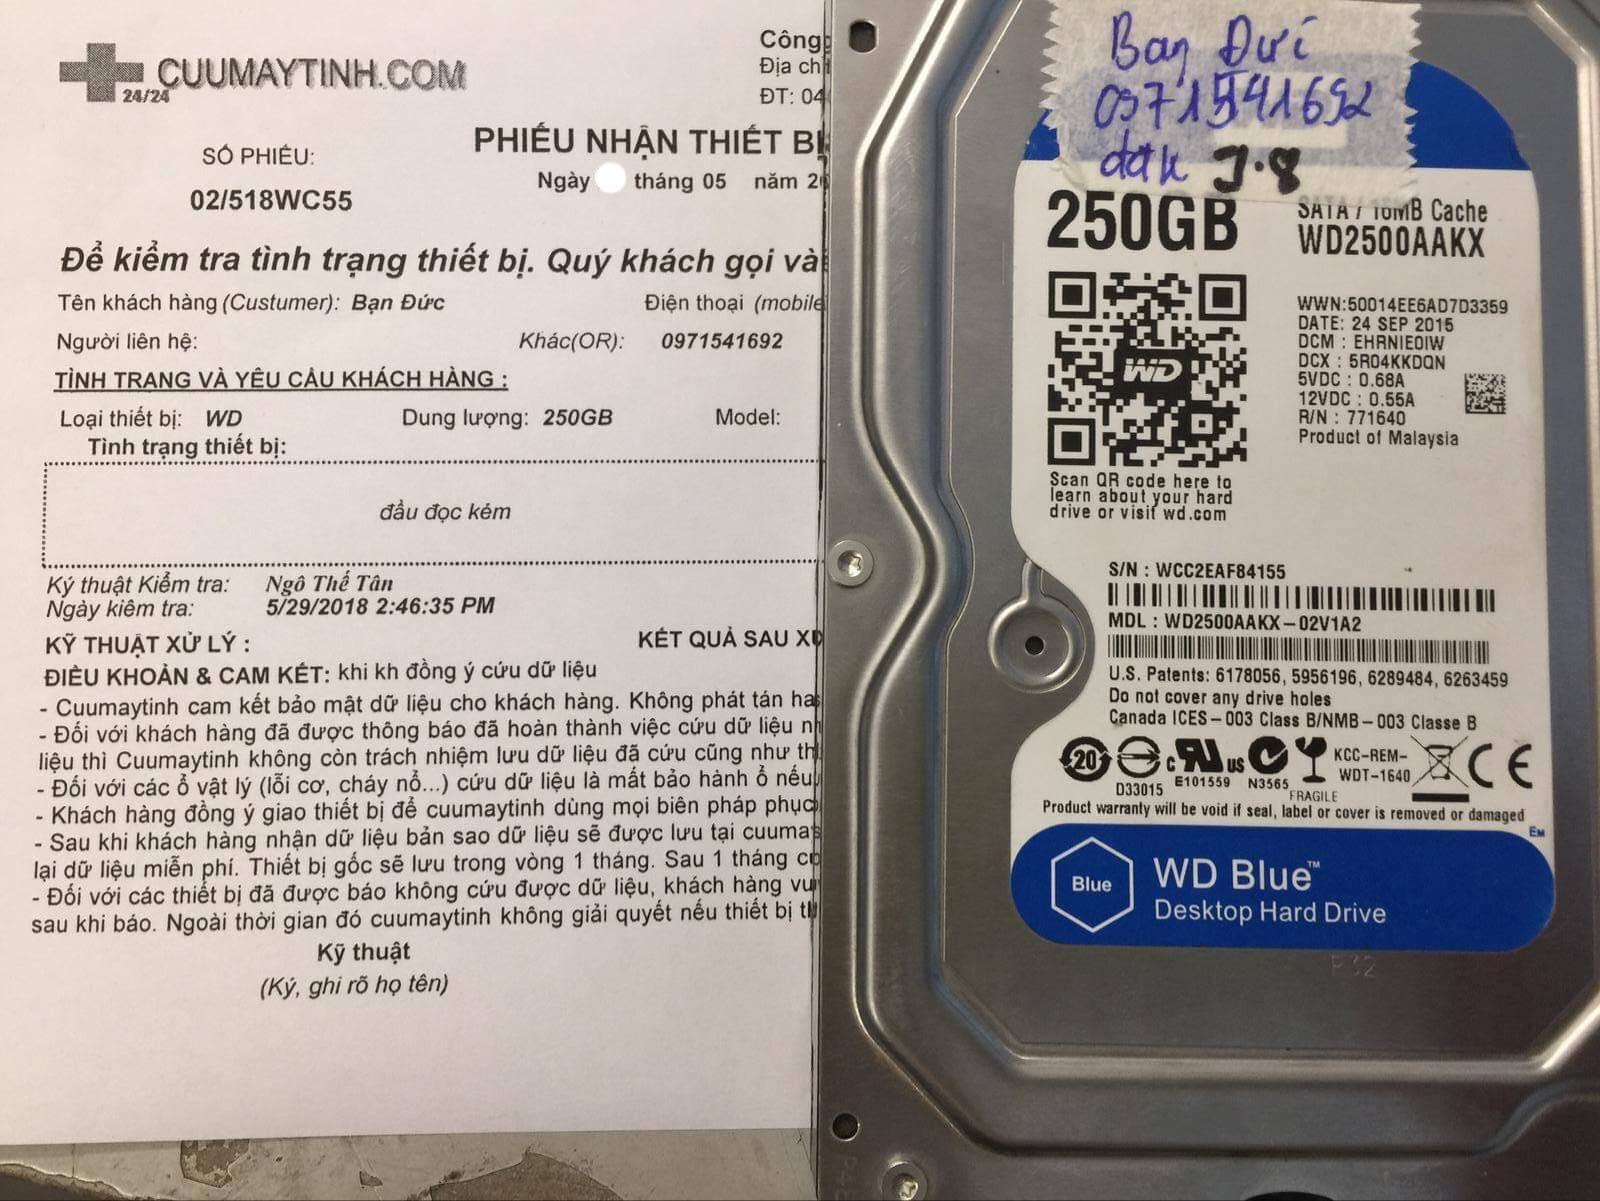 Phục hồi dữ liệu ổ cứng Western 250GB đầu đọc kém 27/05/2019 - cuumaytinh